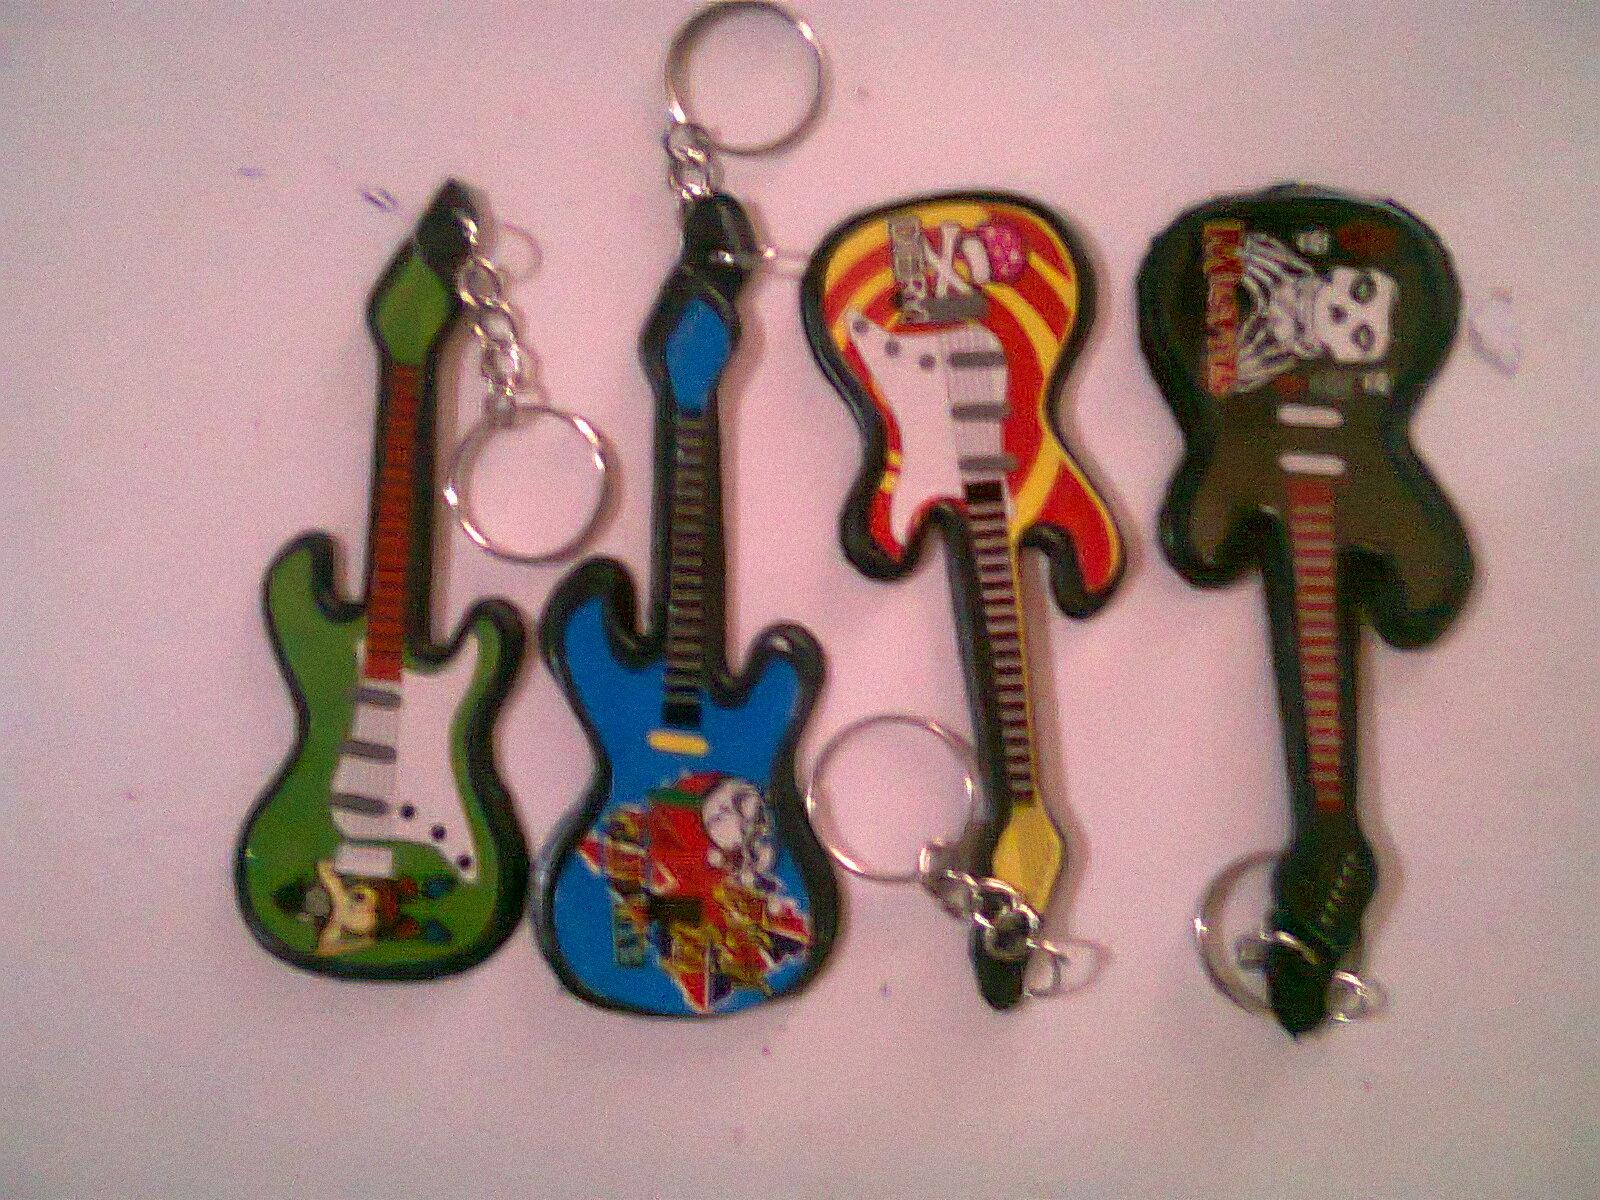 Lutfi Souvenir Menyediakan Berbagai Macam Pernikahan Gantungan Gitar Kunci Model Rp 1000